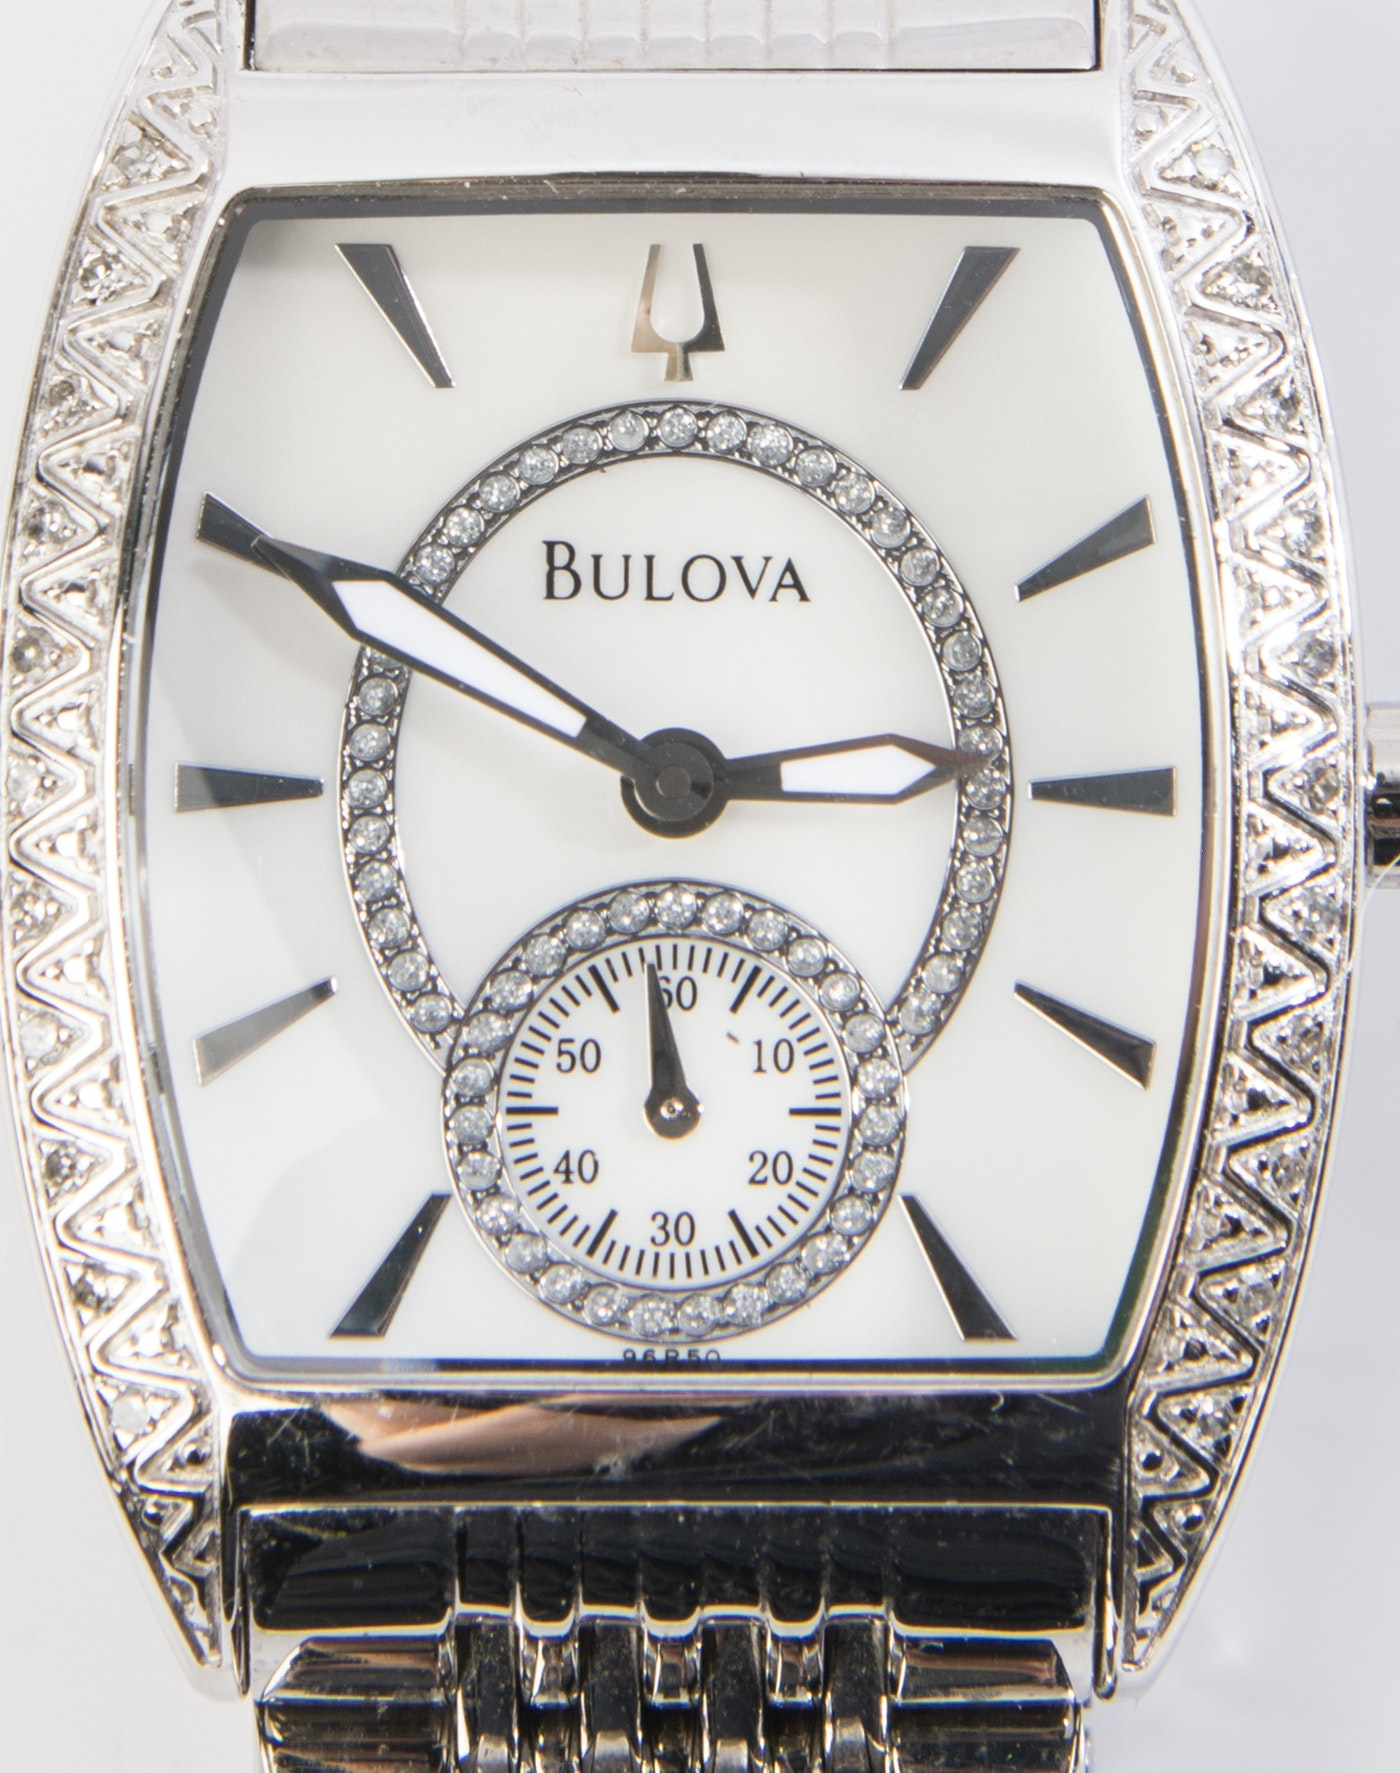 Bulova Stainless Steel And Diamond Wristwatch Ebth